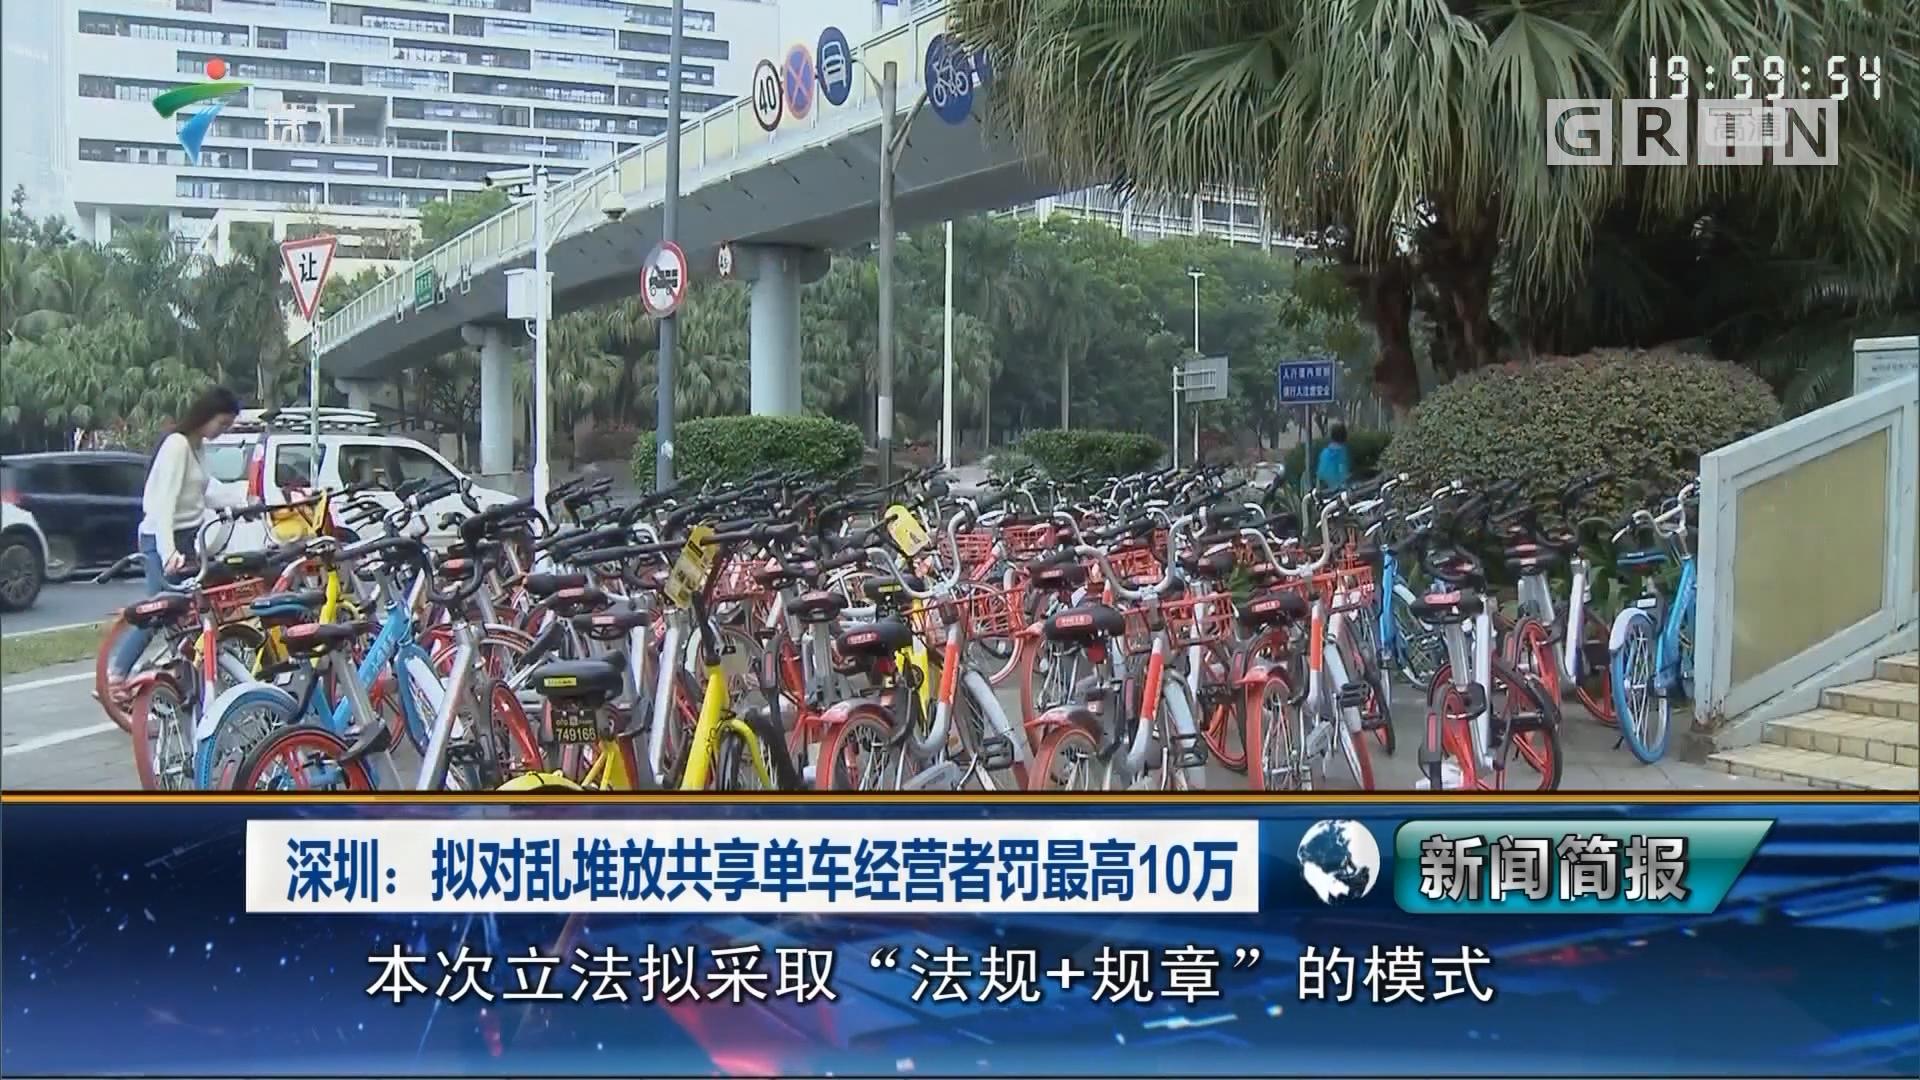 深圳:拟对乱堆放共享单车经营者罚最高10万